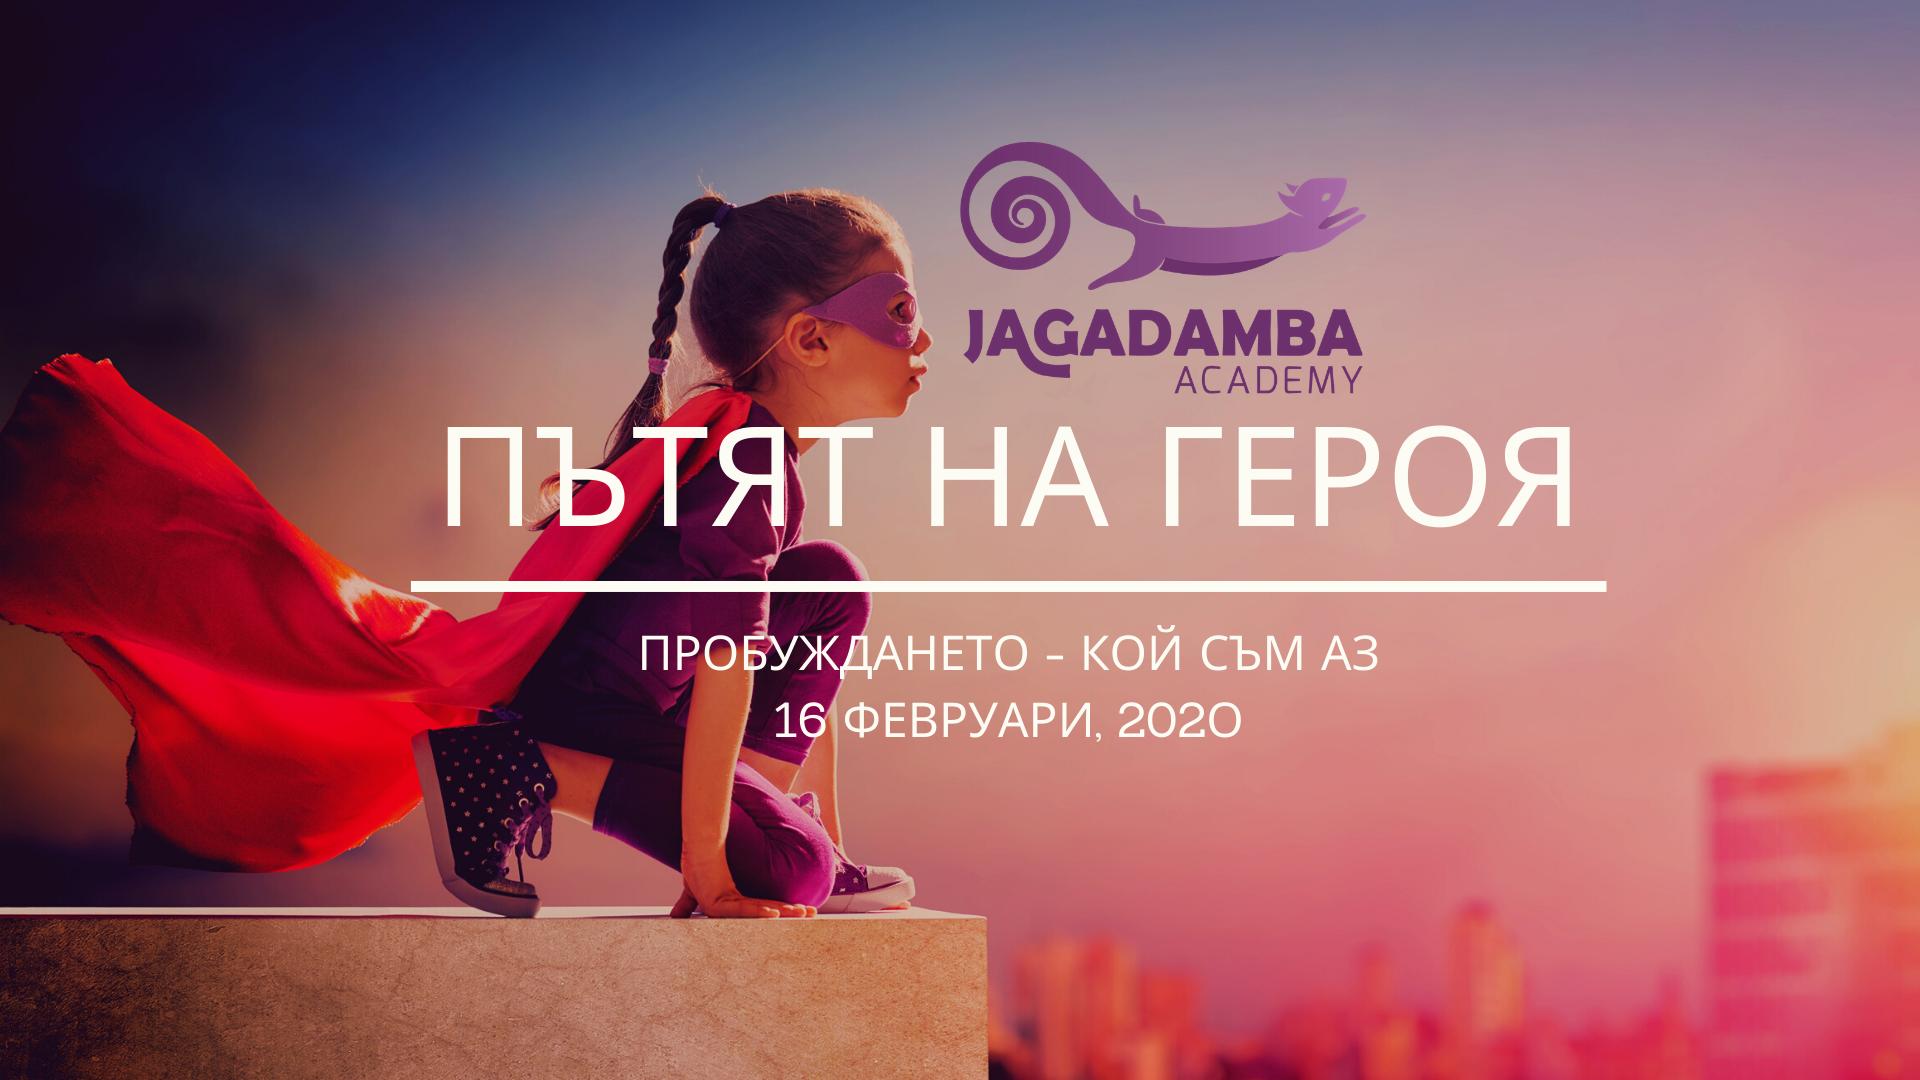 ЪТЯТ НА ГЕРОЯ-семинар-по-личностно-развитие-за-деца-академия-джагадамба-февруари-март 2020-ПРОБУЖДАНЕТО